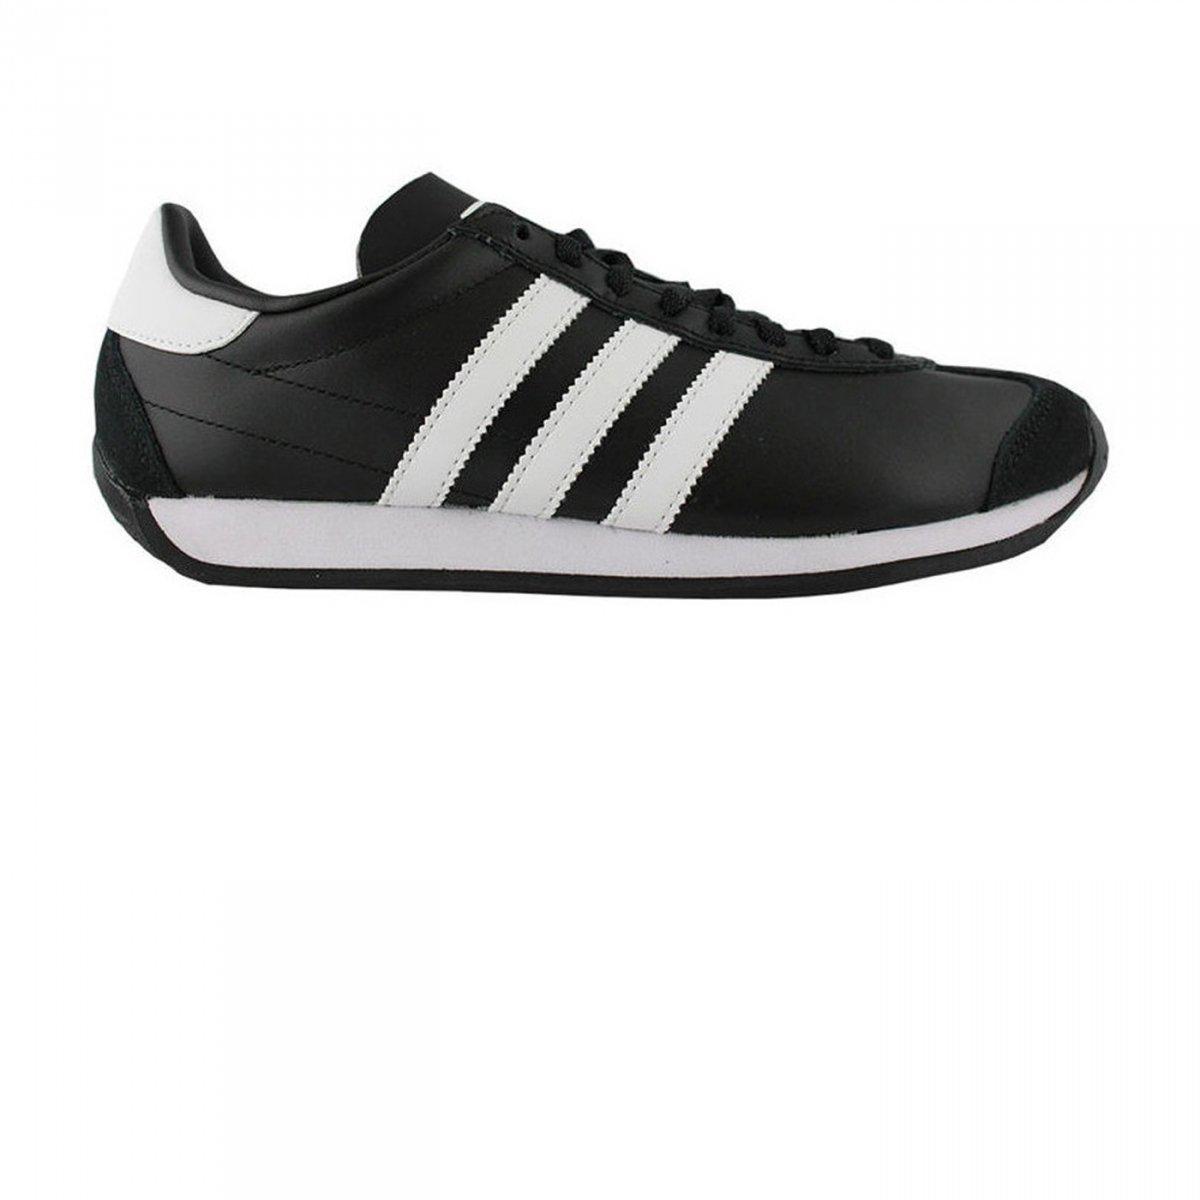 - Adidas - Adidas Herren Sportschuhe Country Og - Schwarz, 44,5